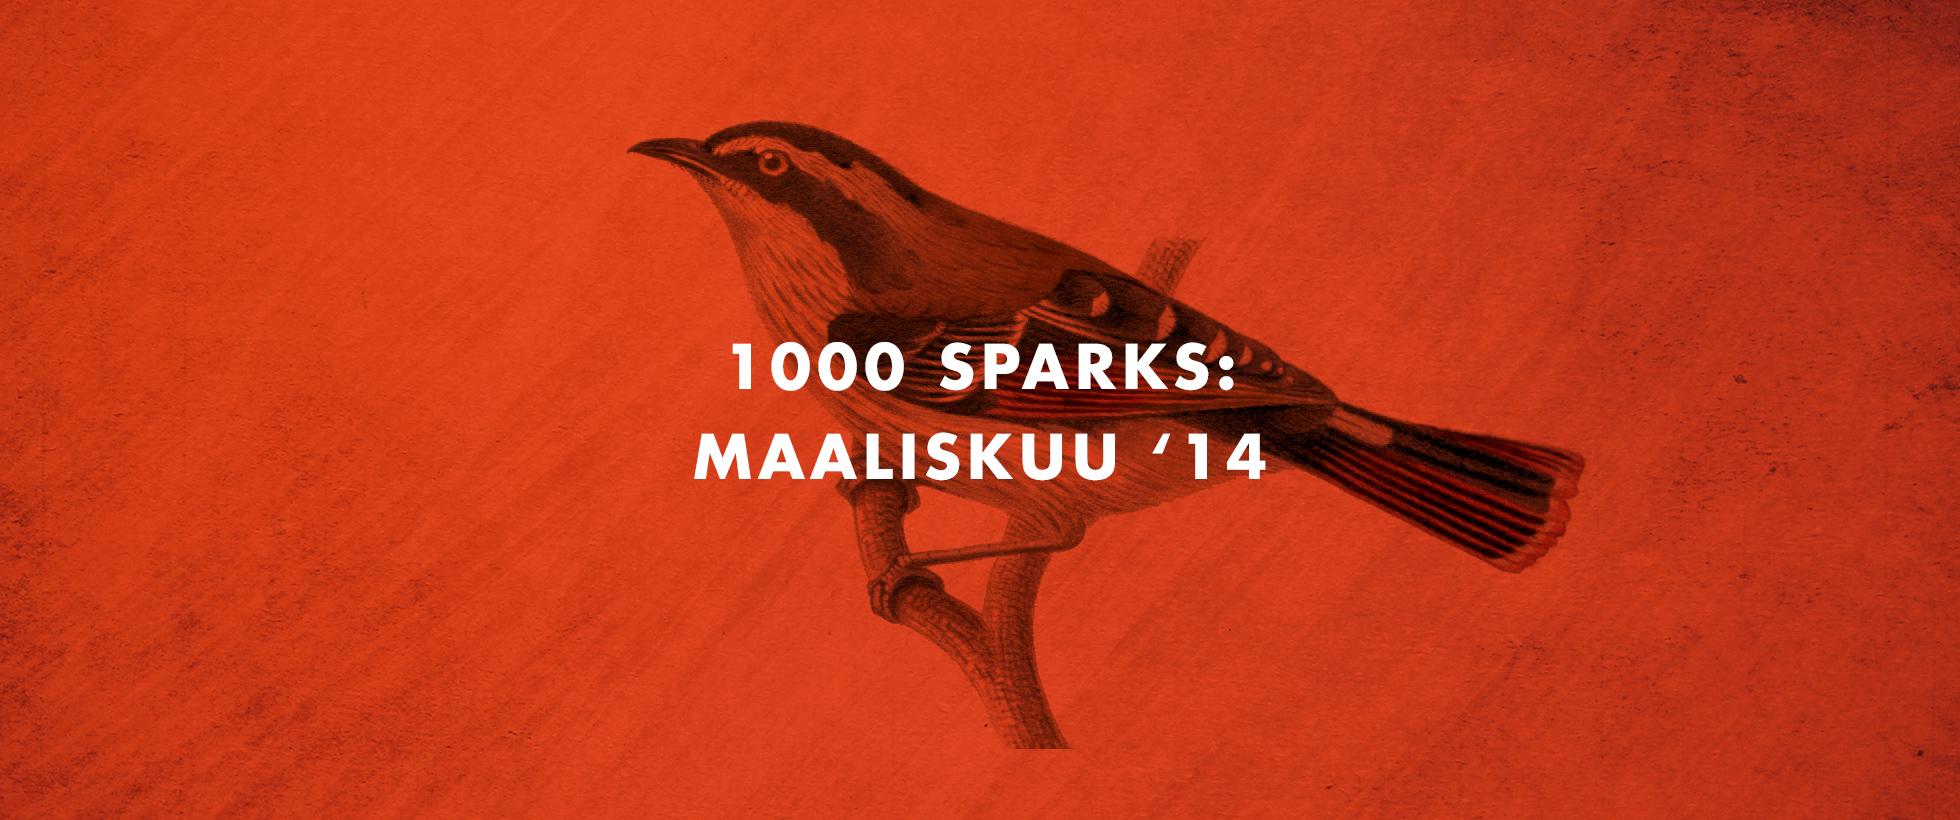 1000 Sparks: Maaliskuu '14